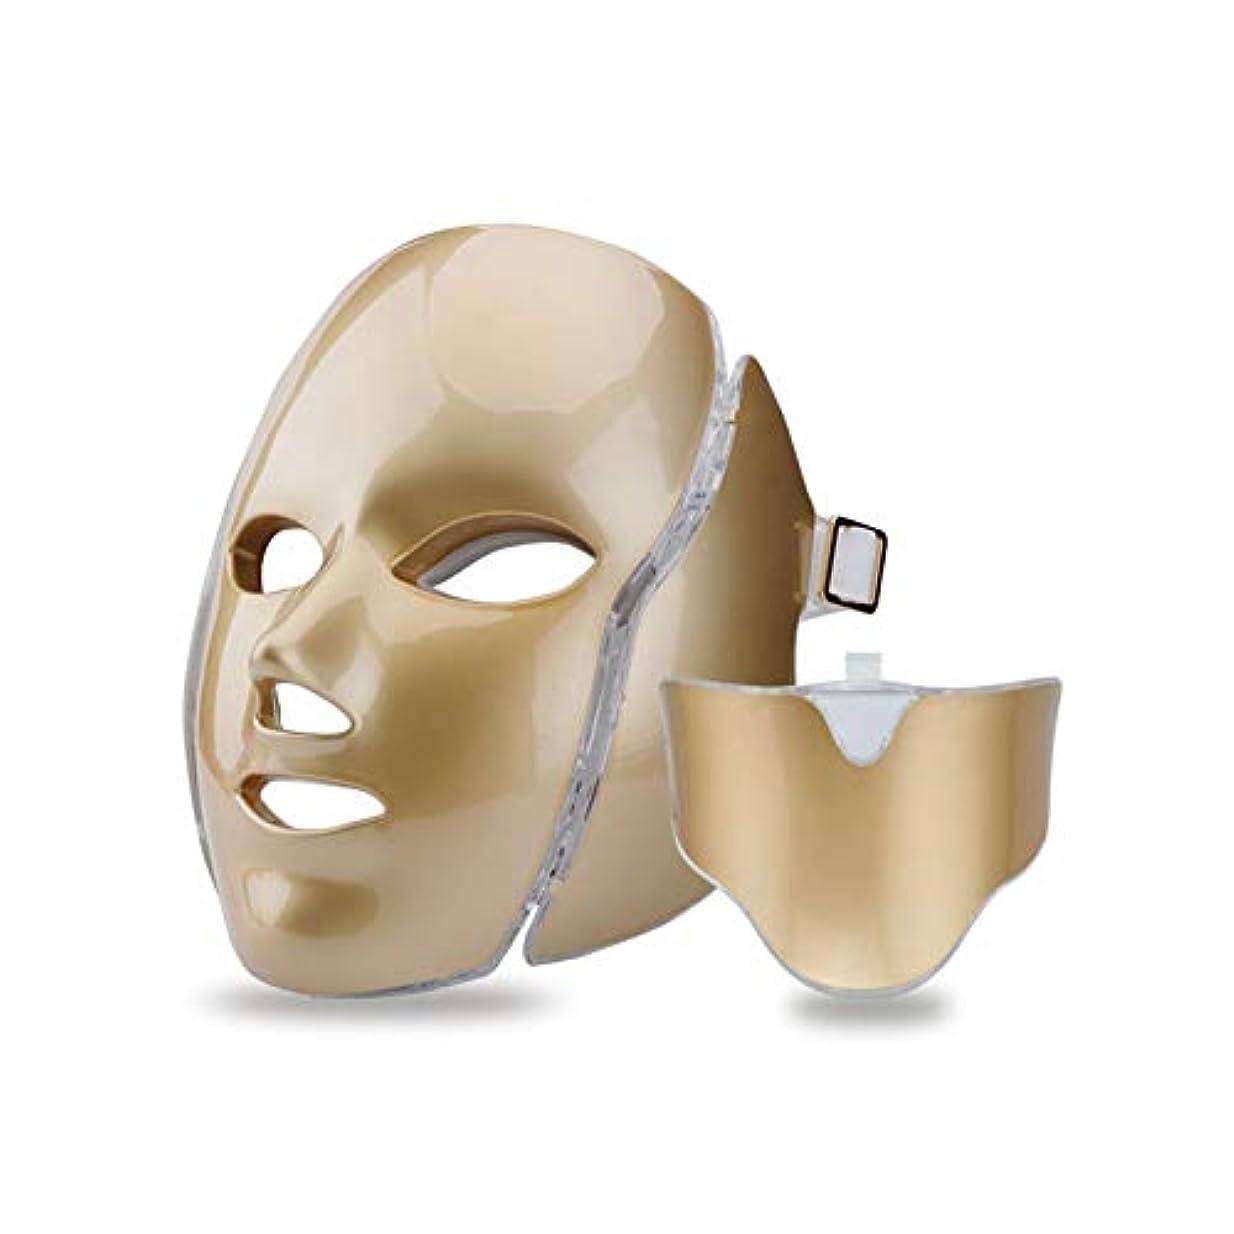 酔うトマト遺跡赤色光光子治療機7色ledマスク+首、肌の若返りニキビフェイシャルスパ美容機器,Gold